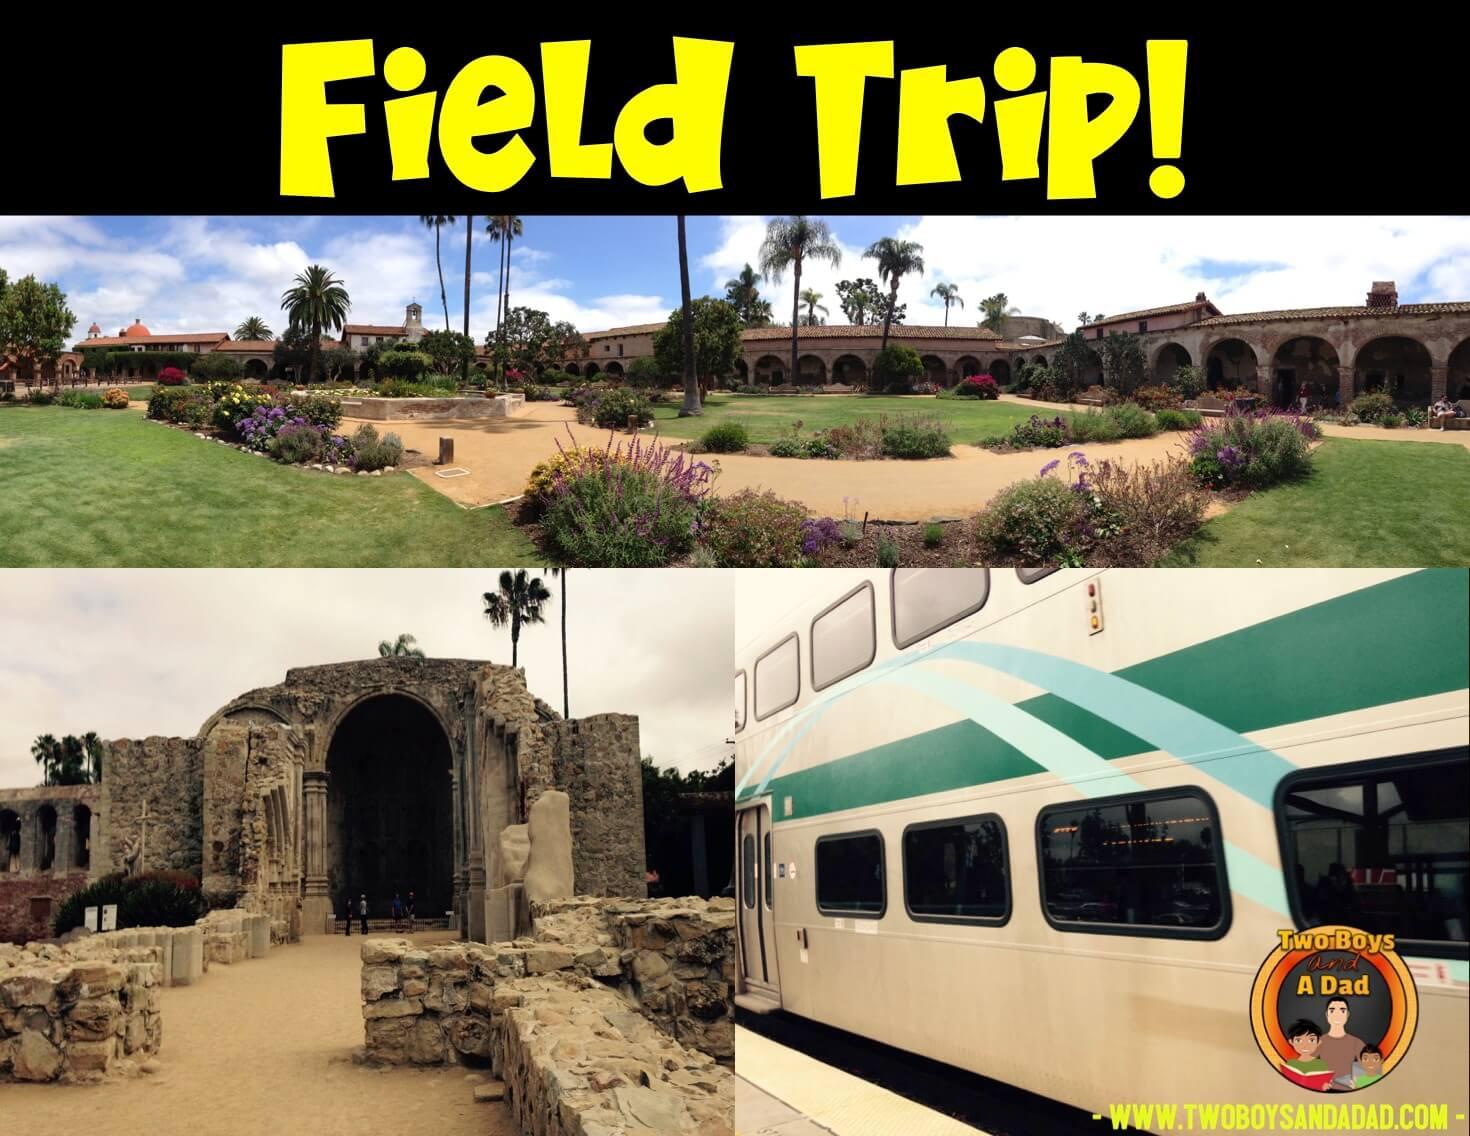 San Juan Capistrano Mission field trip